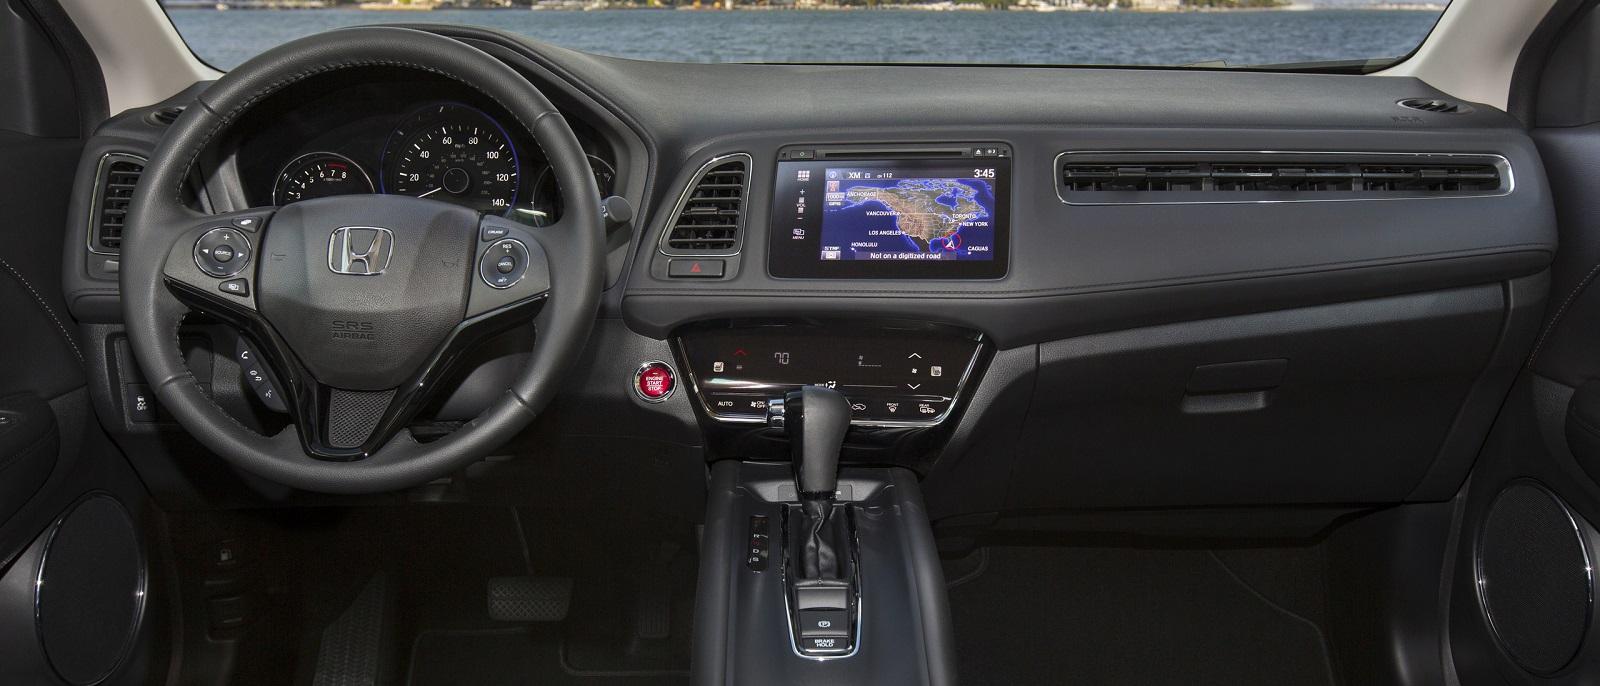 2016 HR-V spacious interior